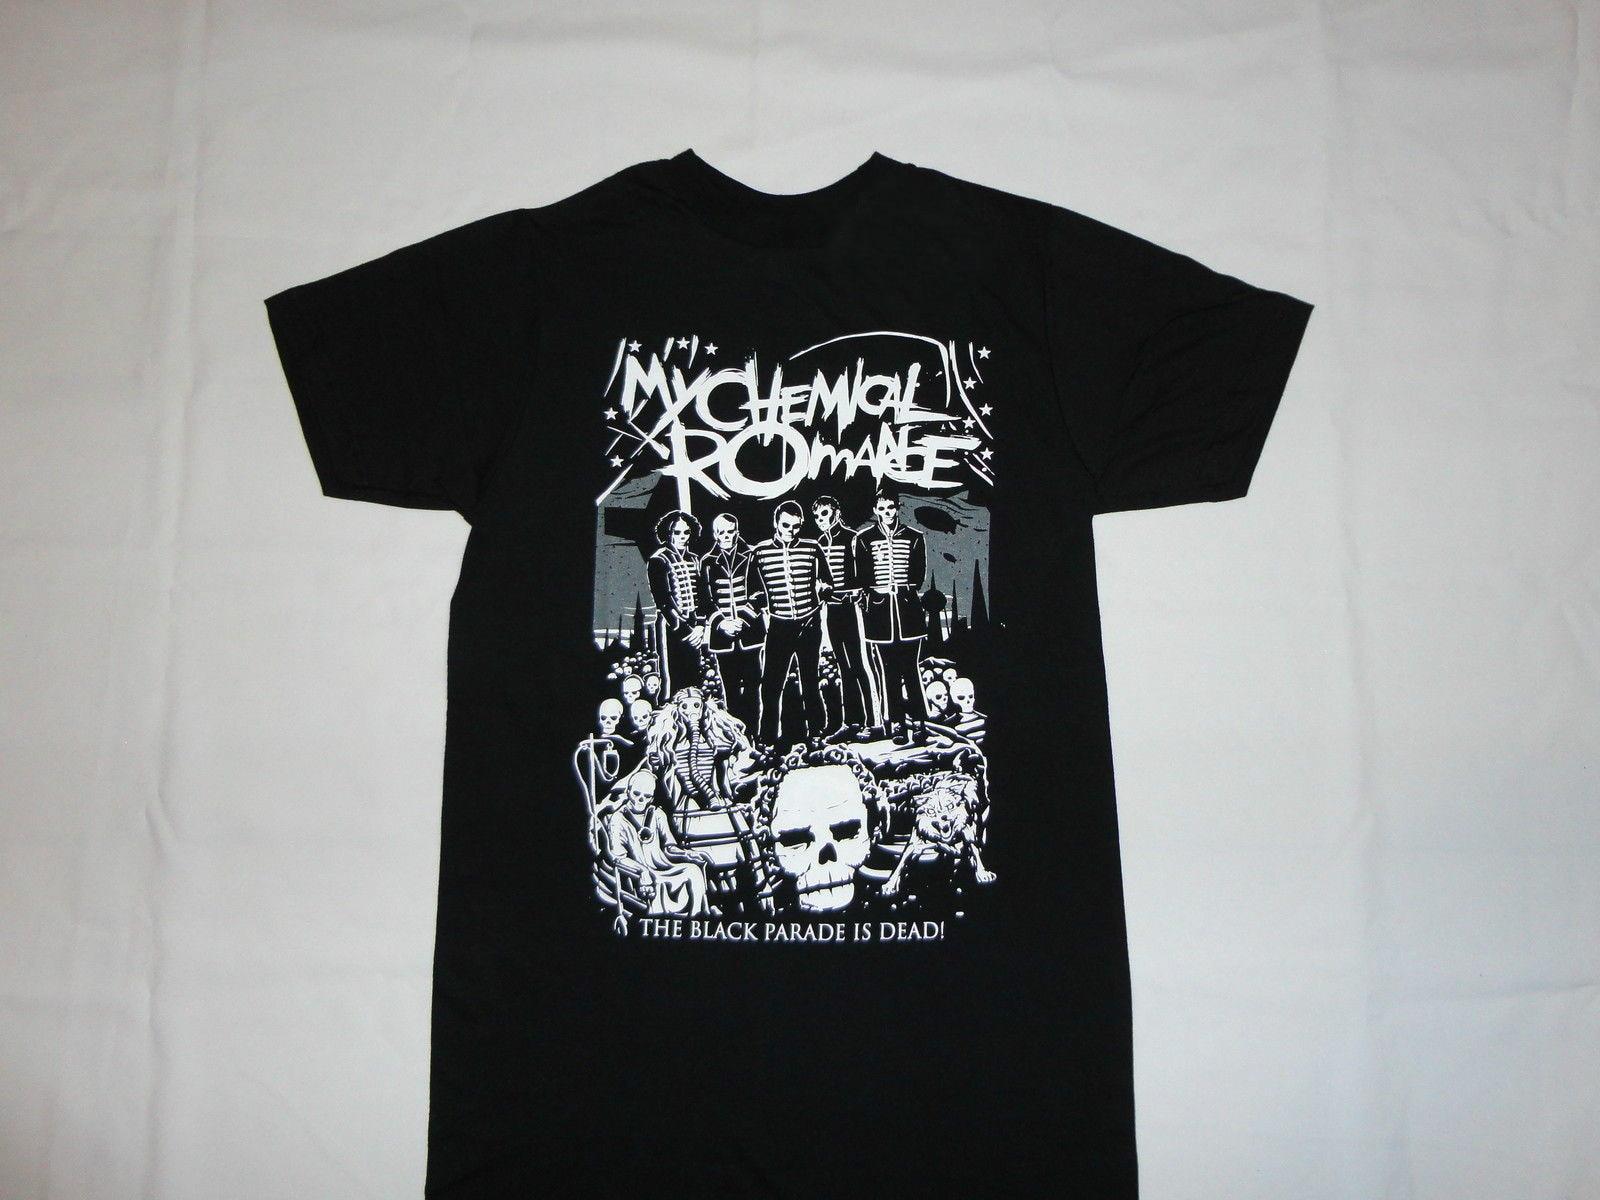 ROMANCE MCR muerto nueva camiseta S-3XL desfile negro EMO PUNK ROCK camiseta del verano nueva 2017 moda verano Top Tee